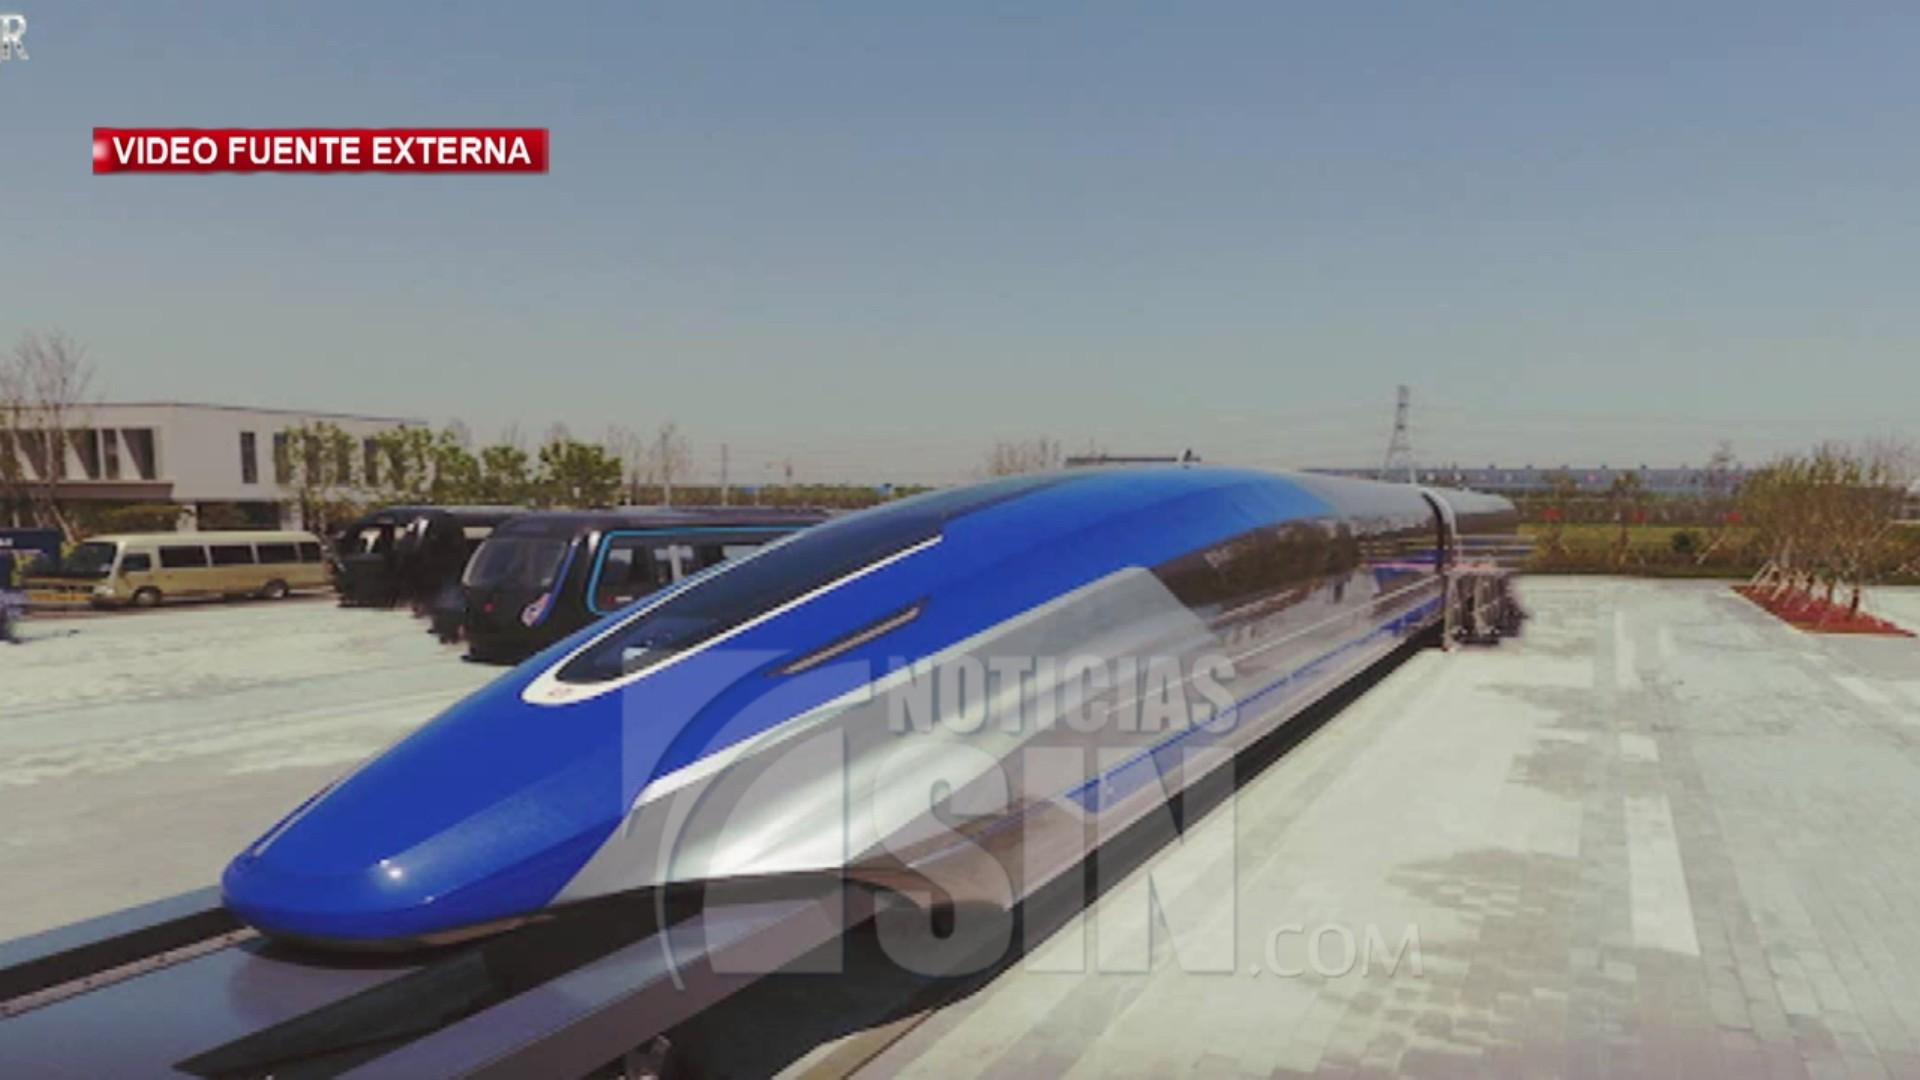 Presenta en China un modelo de tren bala que podrá alcanzar la velocidad de 600 km